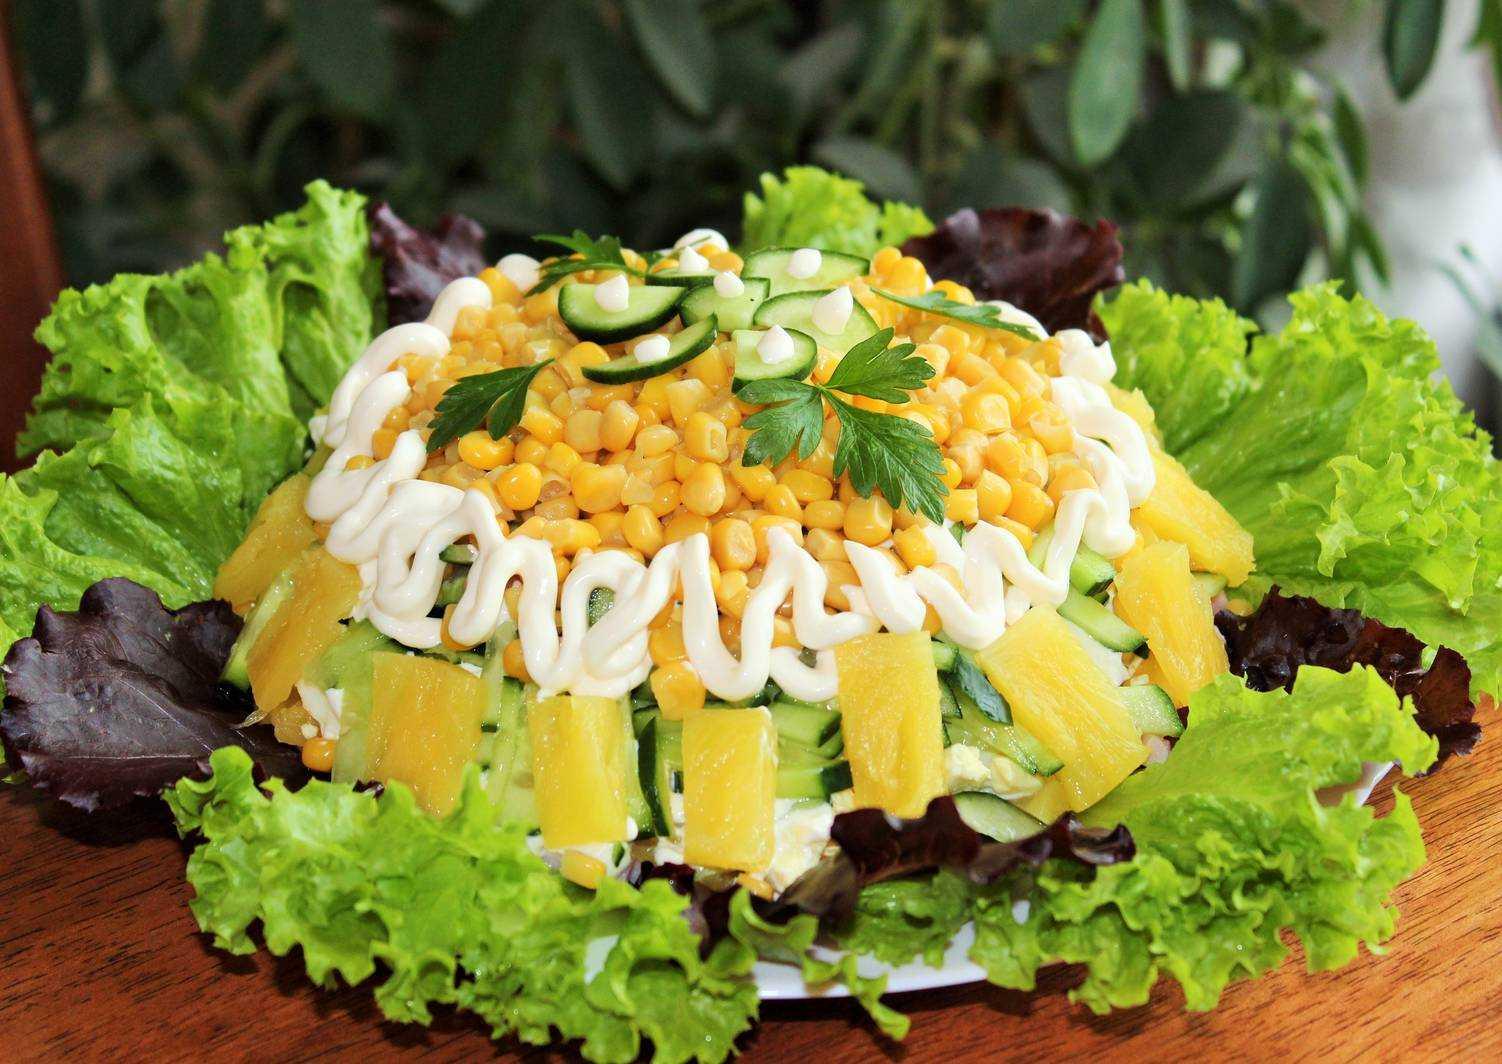 Простые салаты на день рождения – устройте вкусный праздник: рецепты с фото и видео